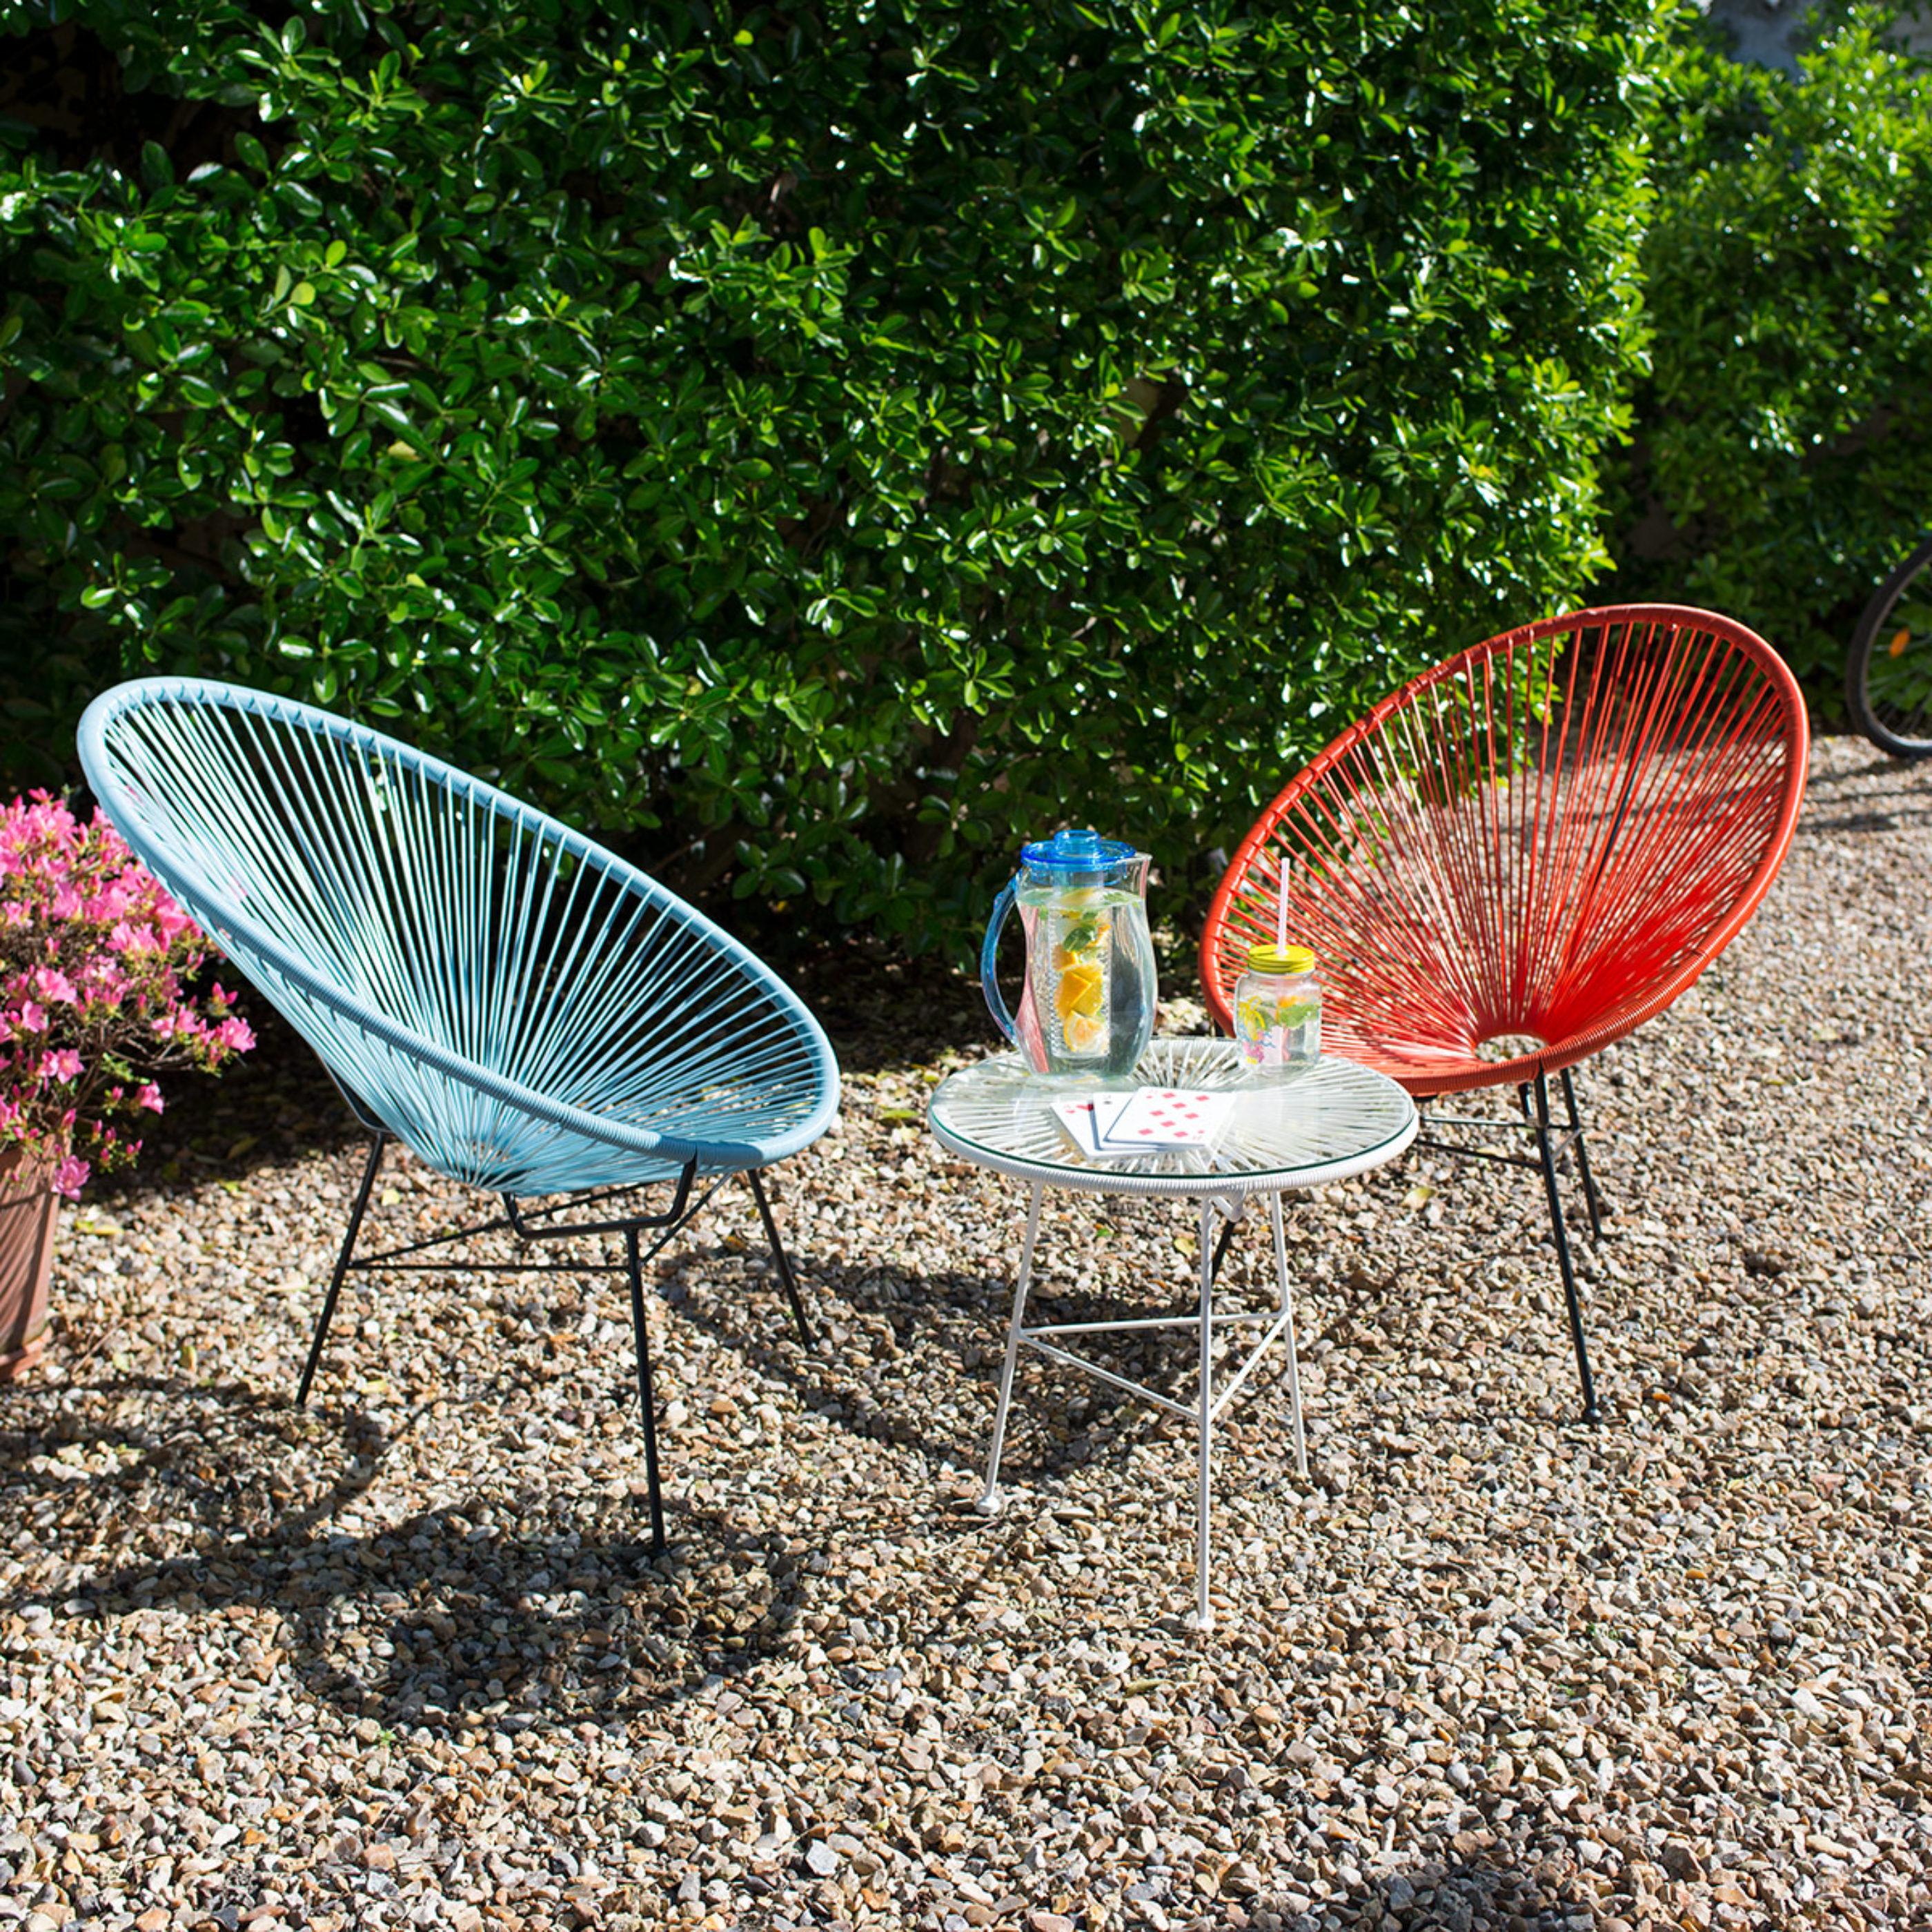 Longue Alberge Chaise Catalogue La Marion Outdoor D Décoratrice P80OXnwk